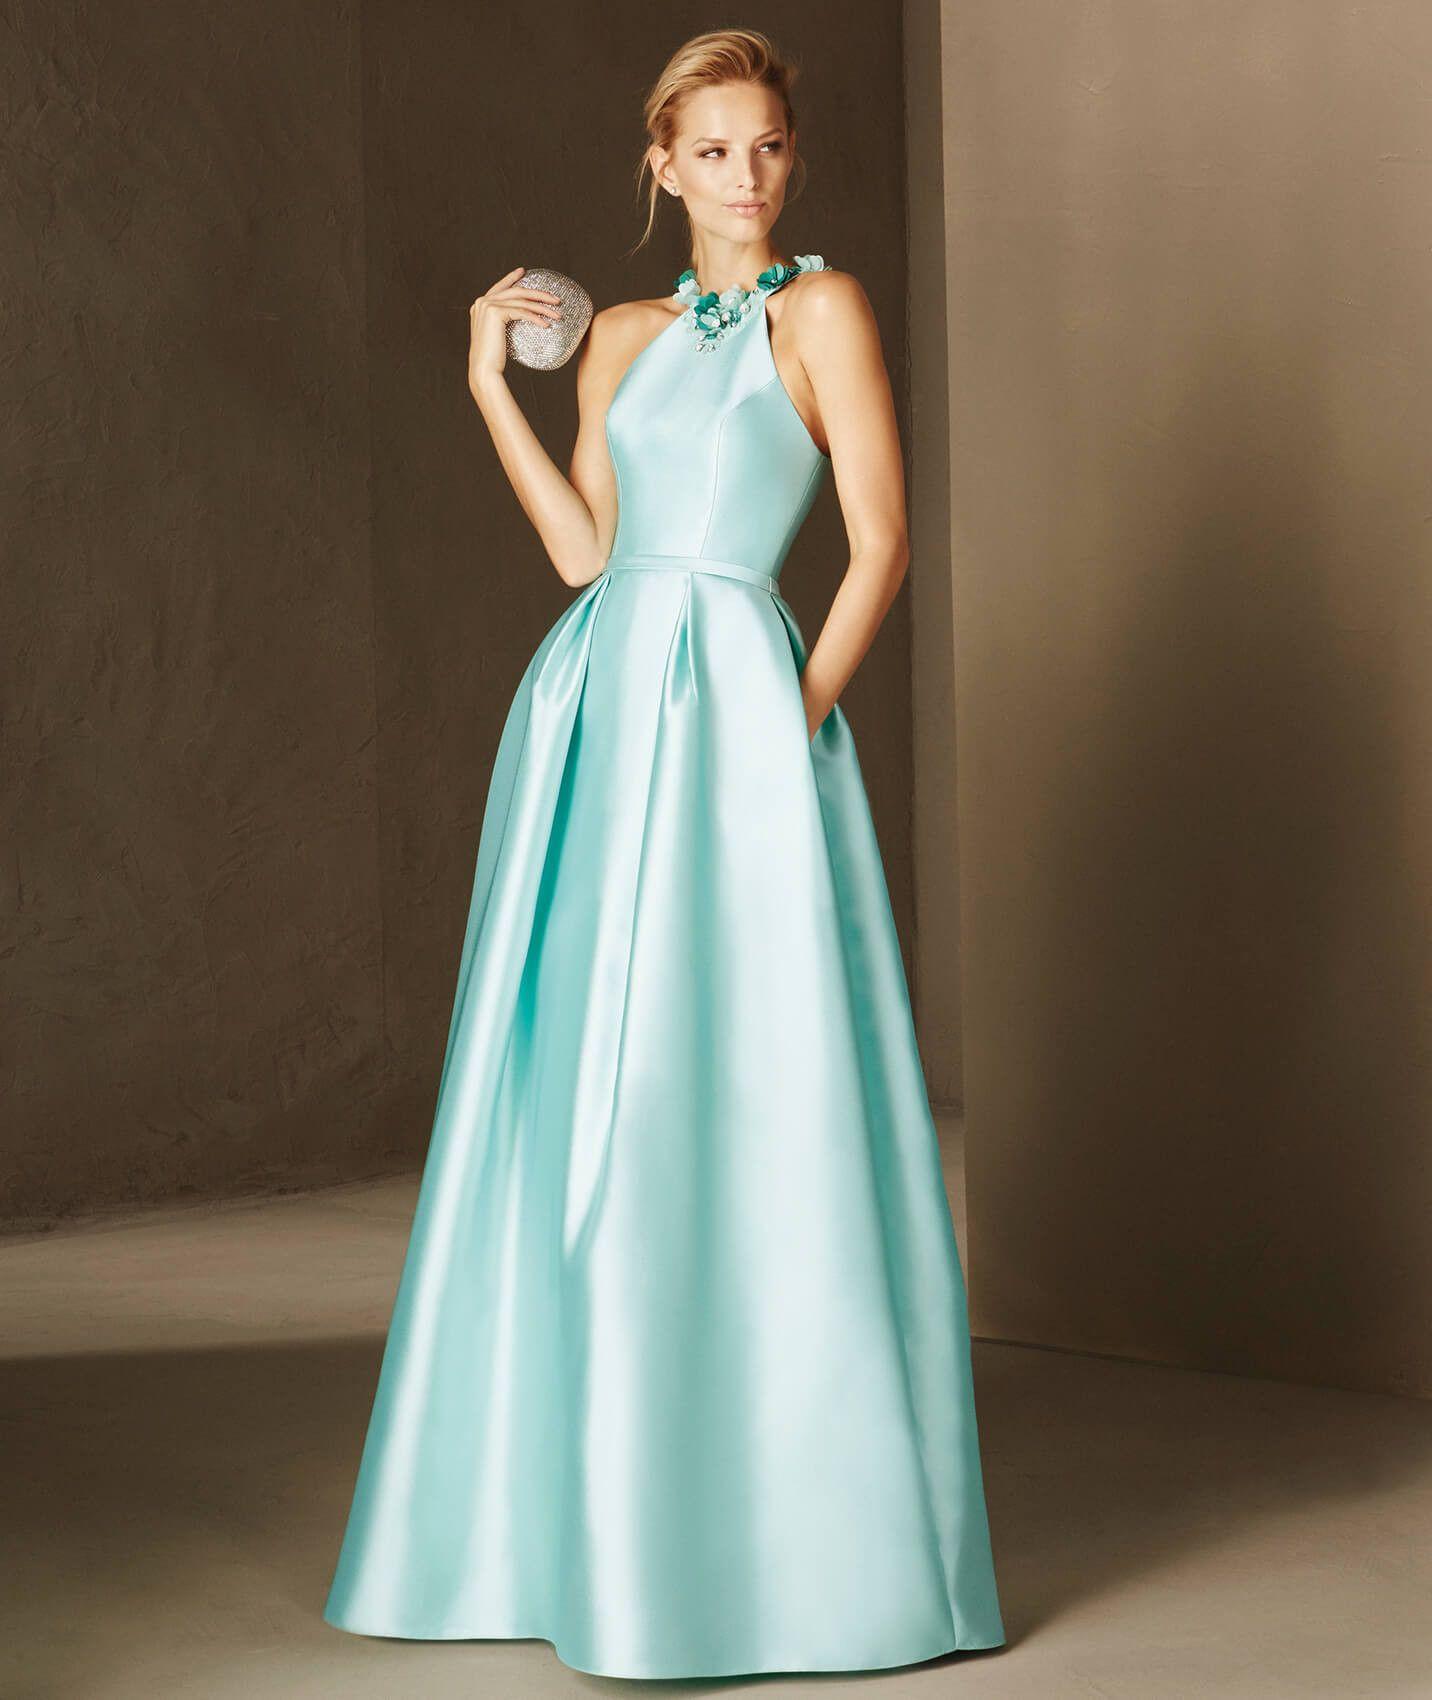 a223b7a41a O modelo BEGUR é um vestido de festa em mikado